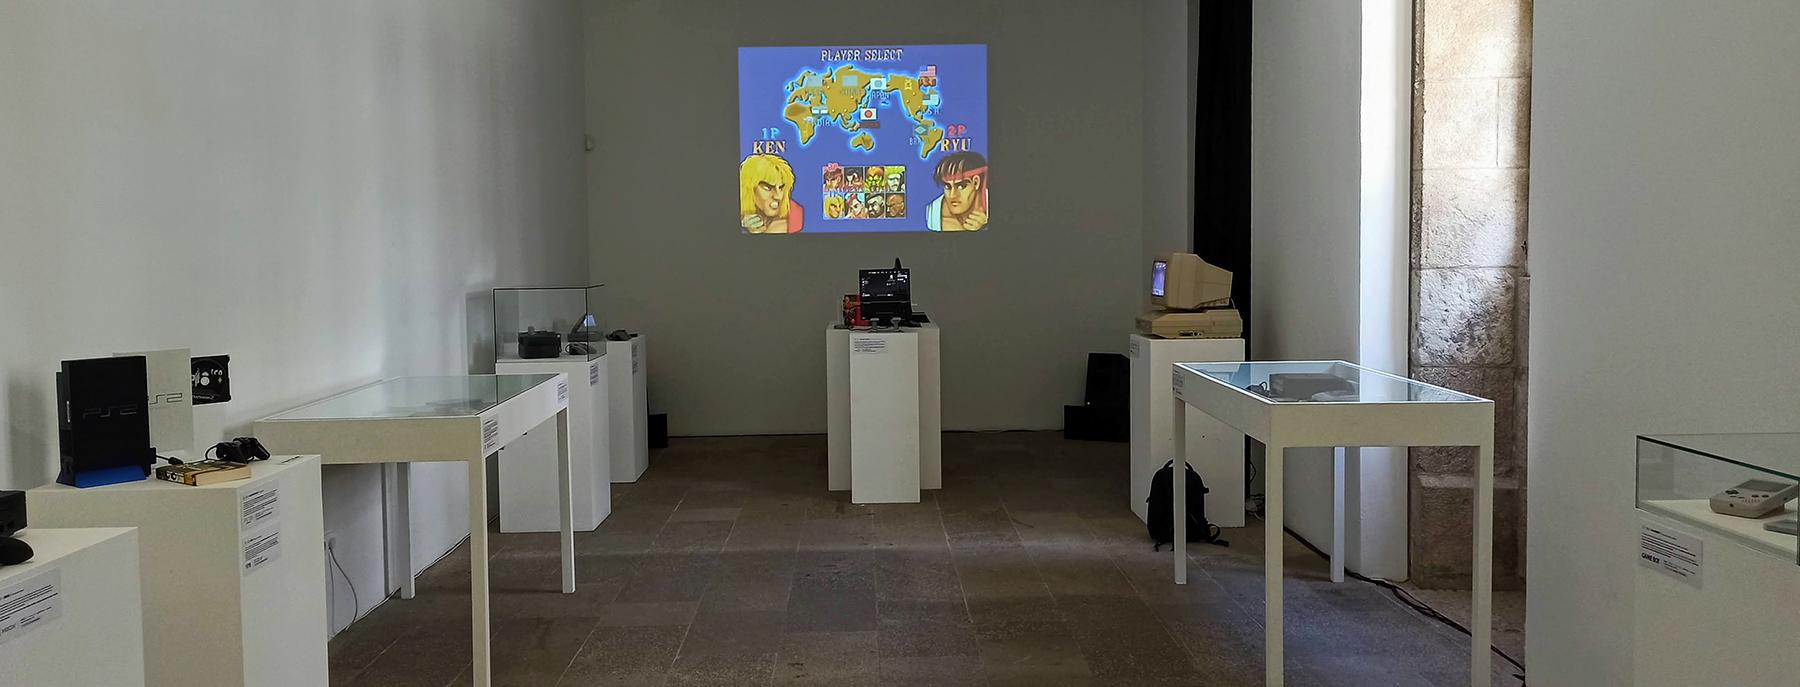 Exposición del Museo de videojuegos